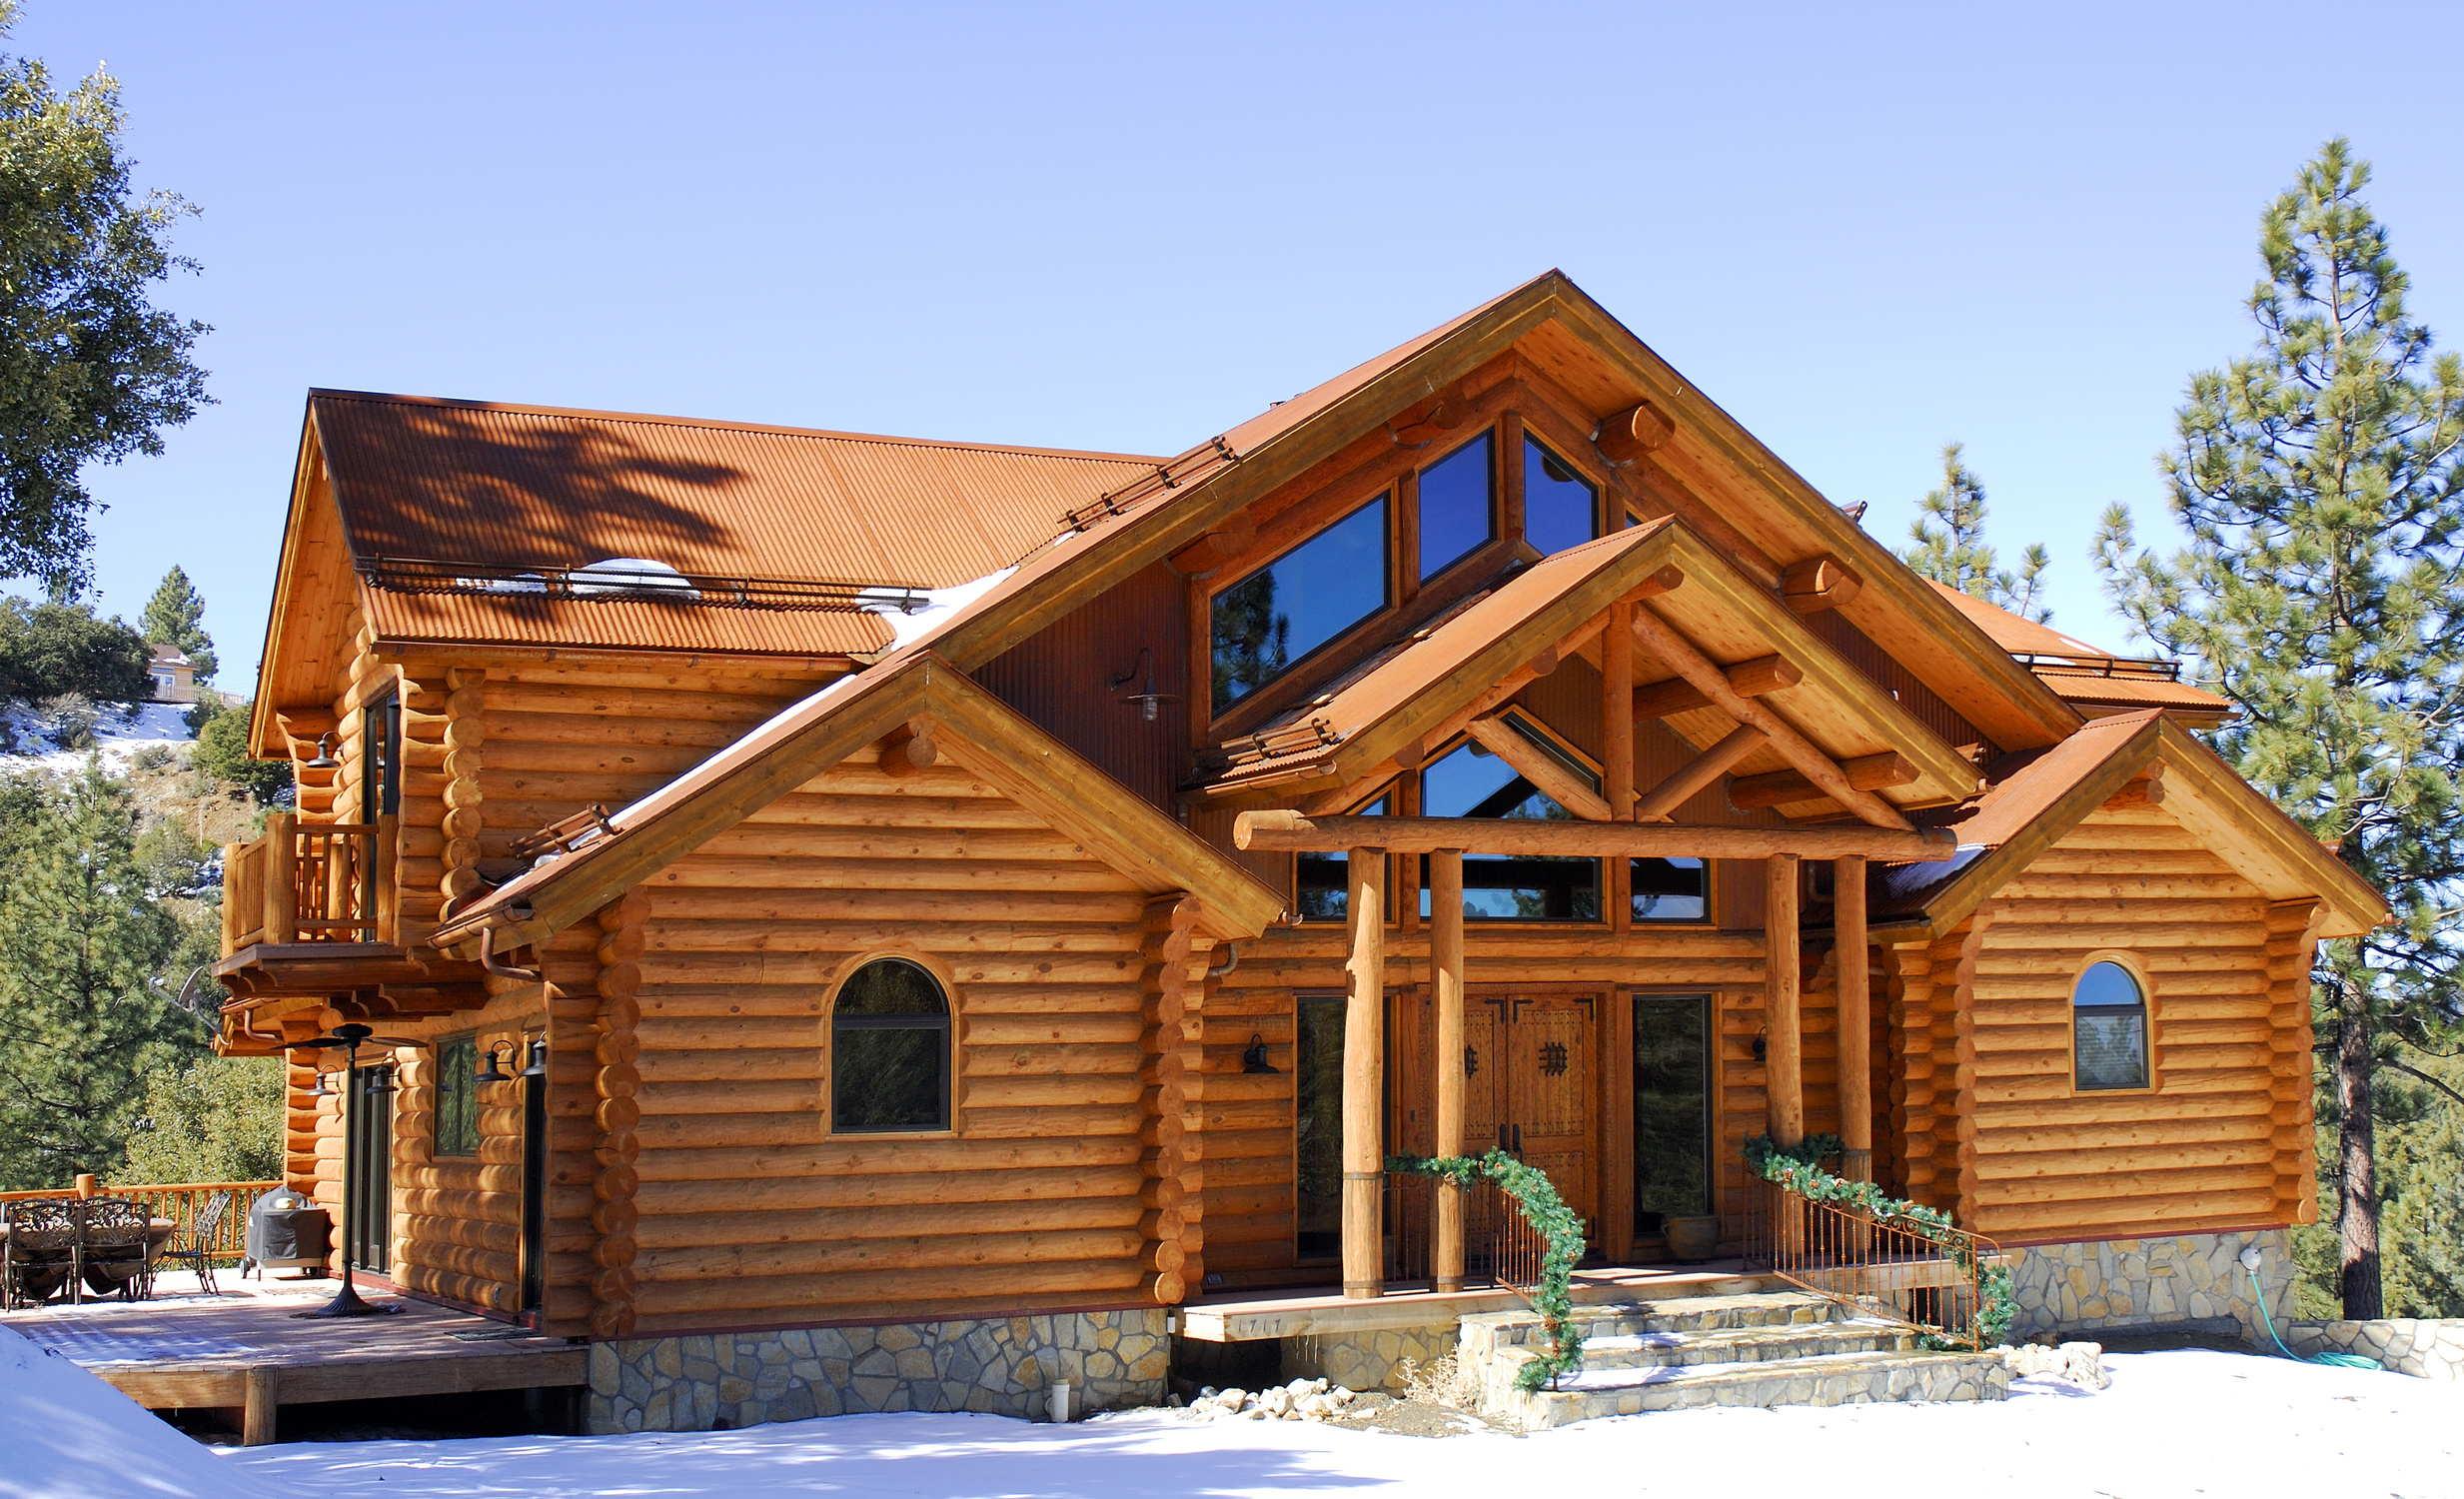 Prix maison en bois massif